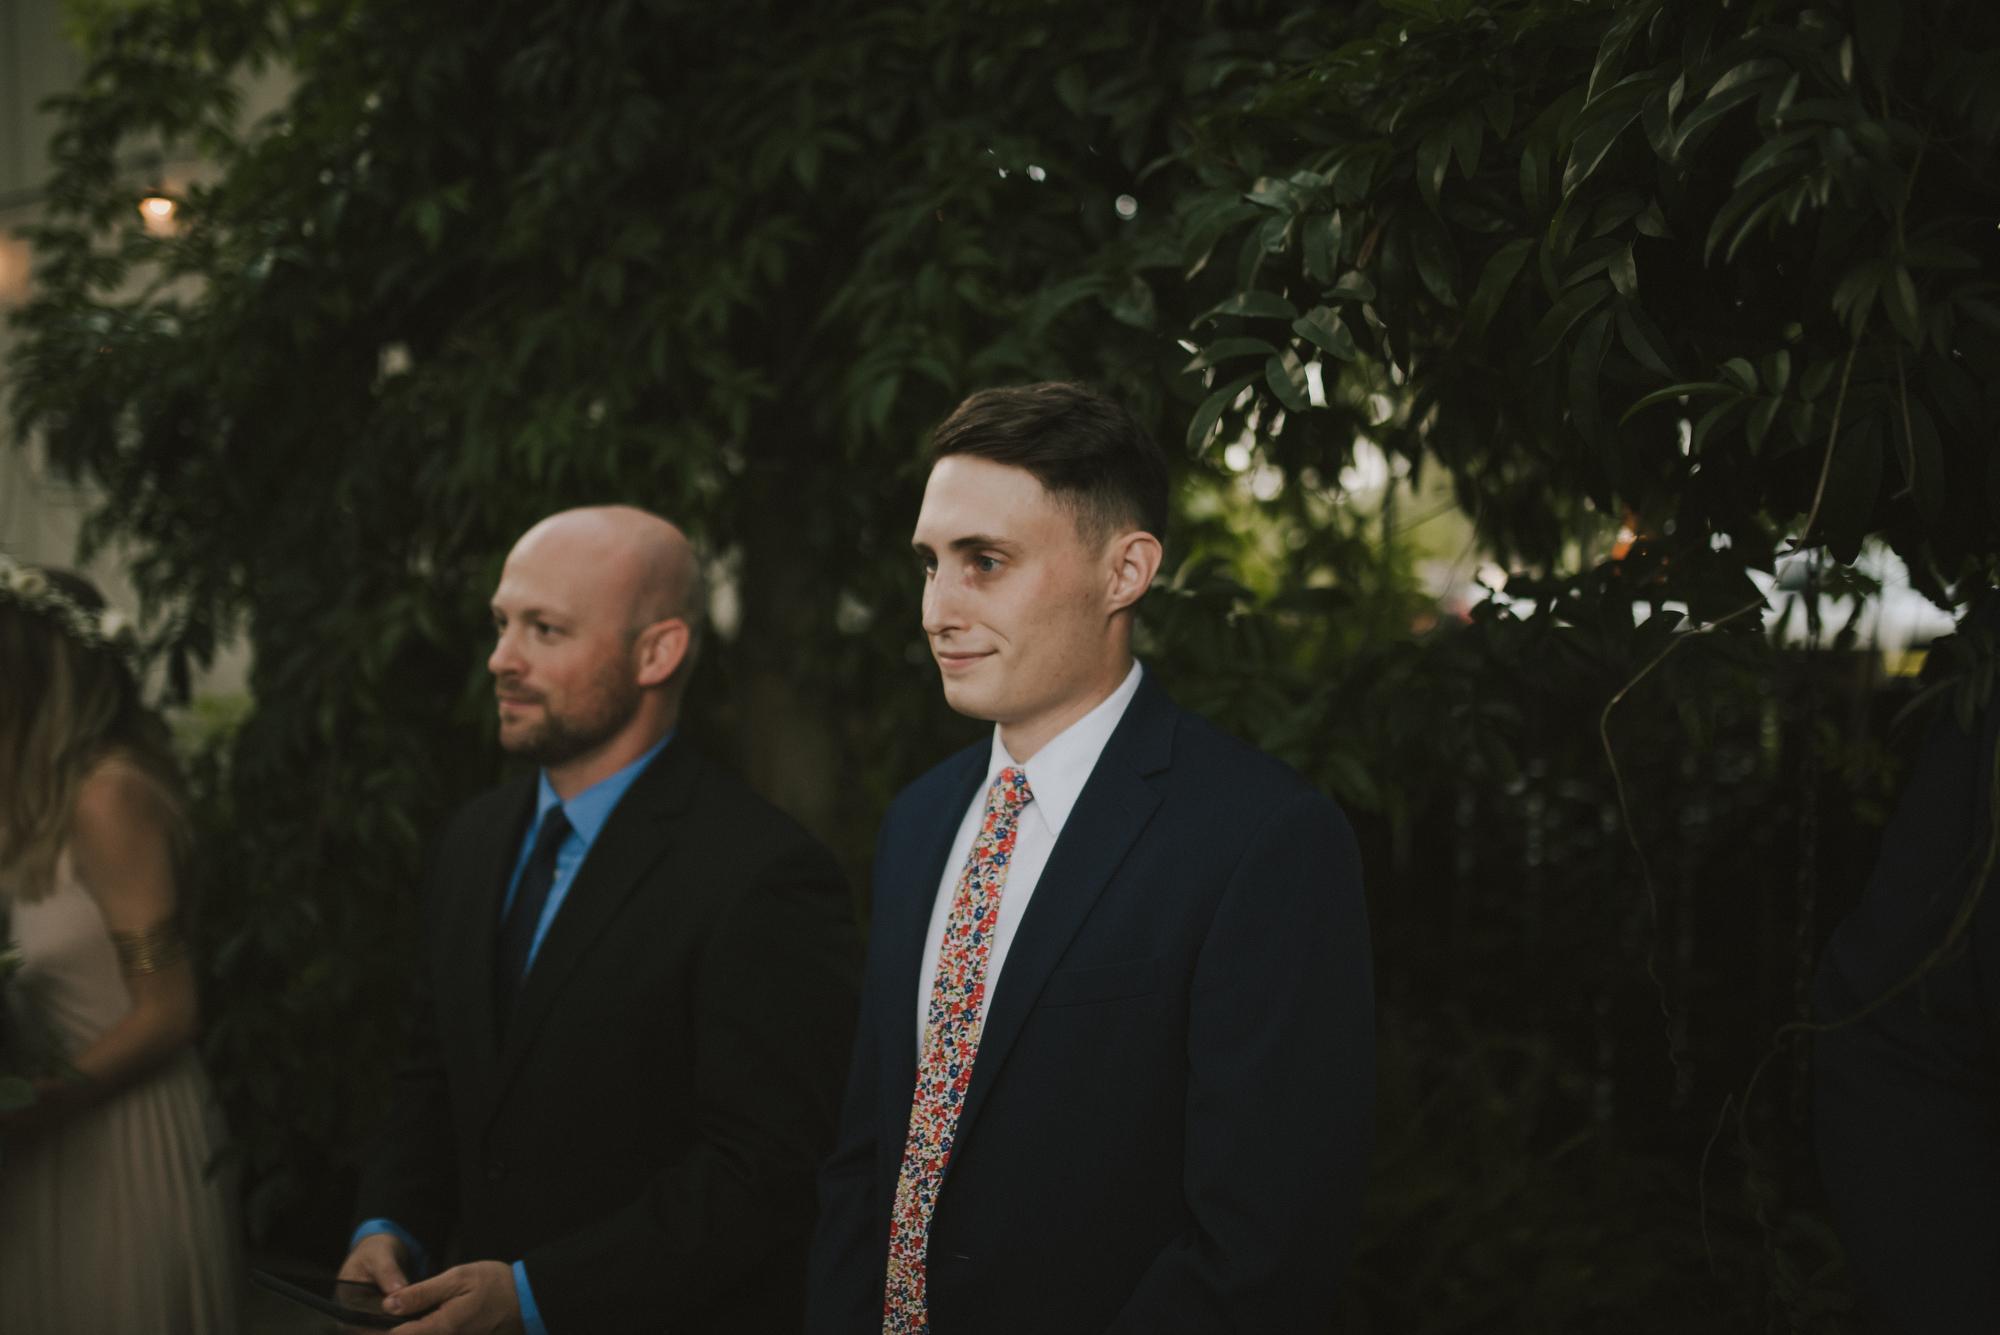 ofRen_weddingphotography078.JPG